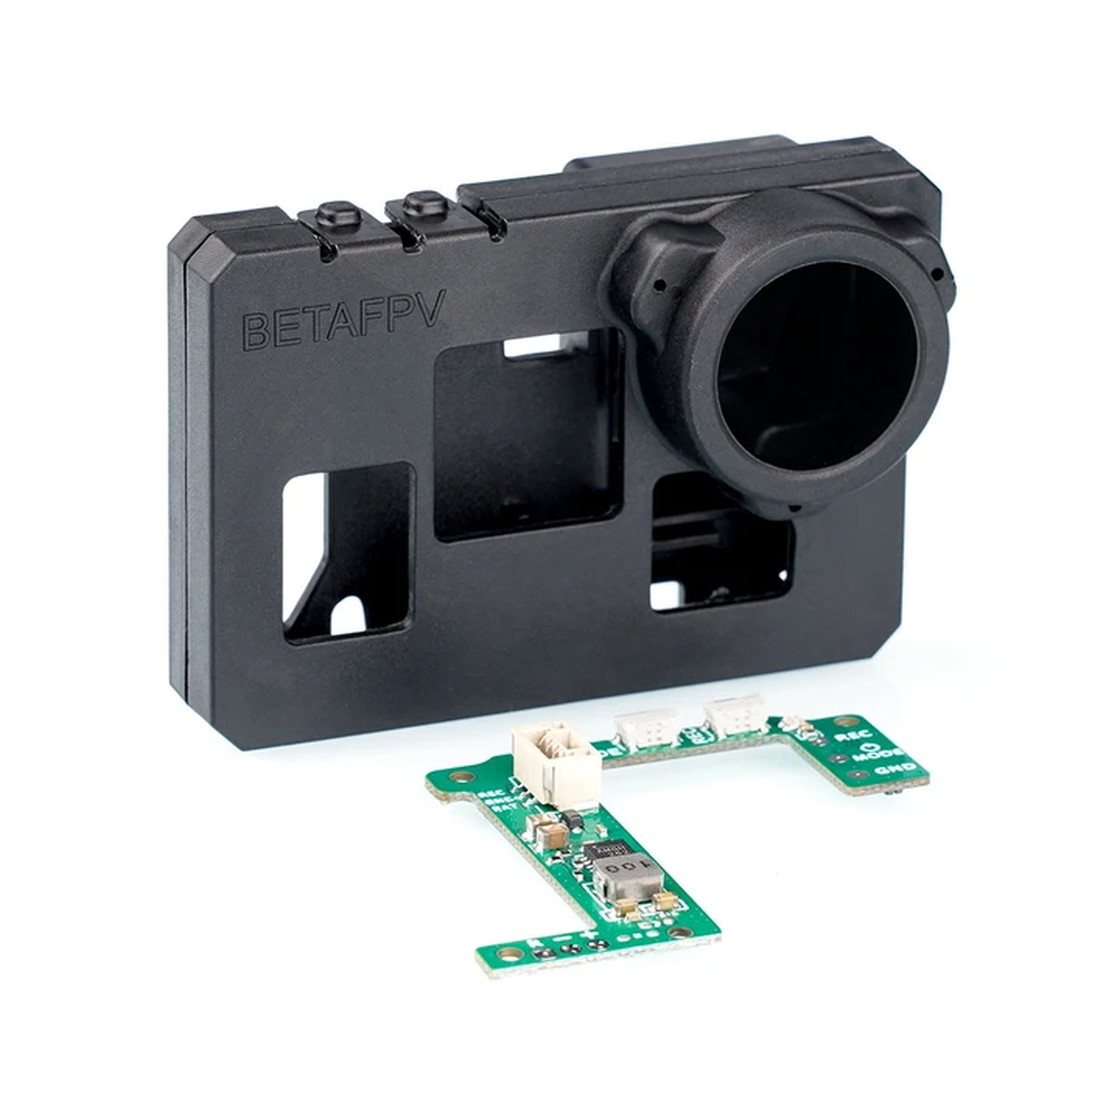 Beta95X V2 Naked Gopro LITE & INSTA 360 With FrSky LBT